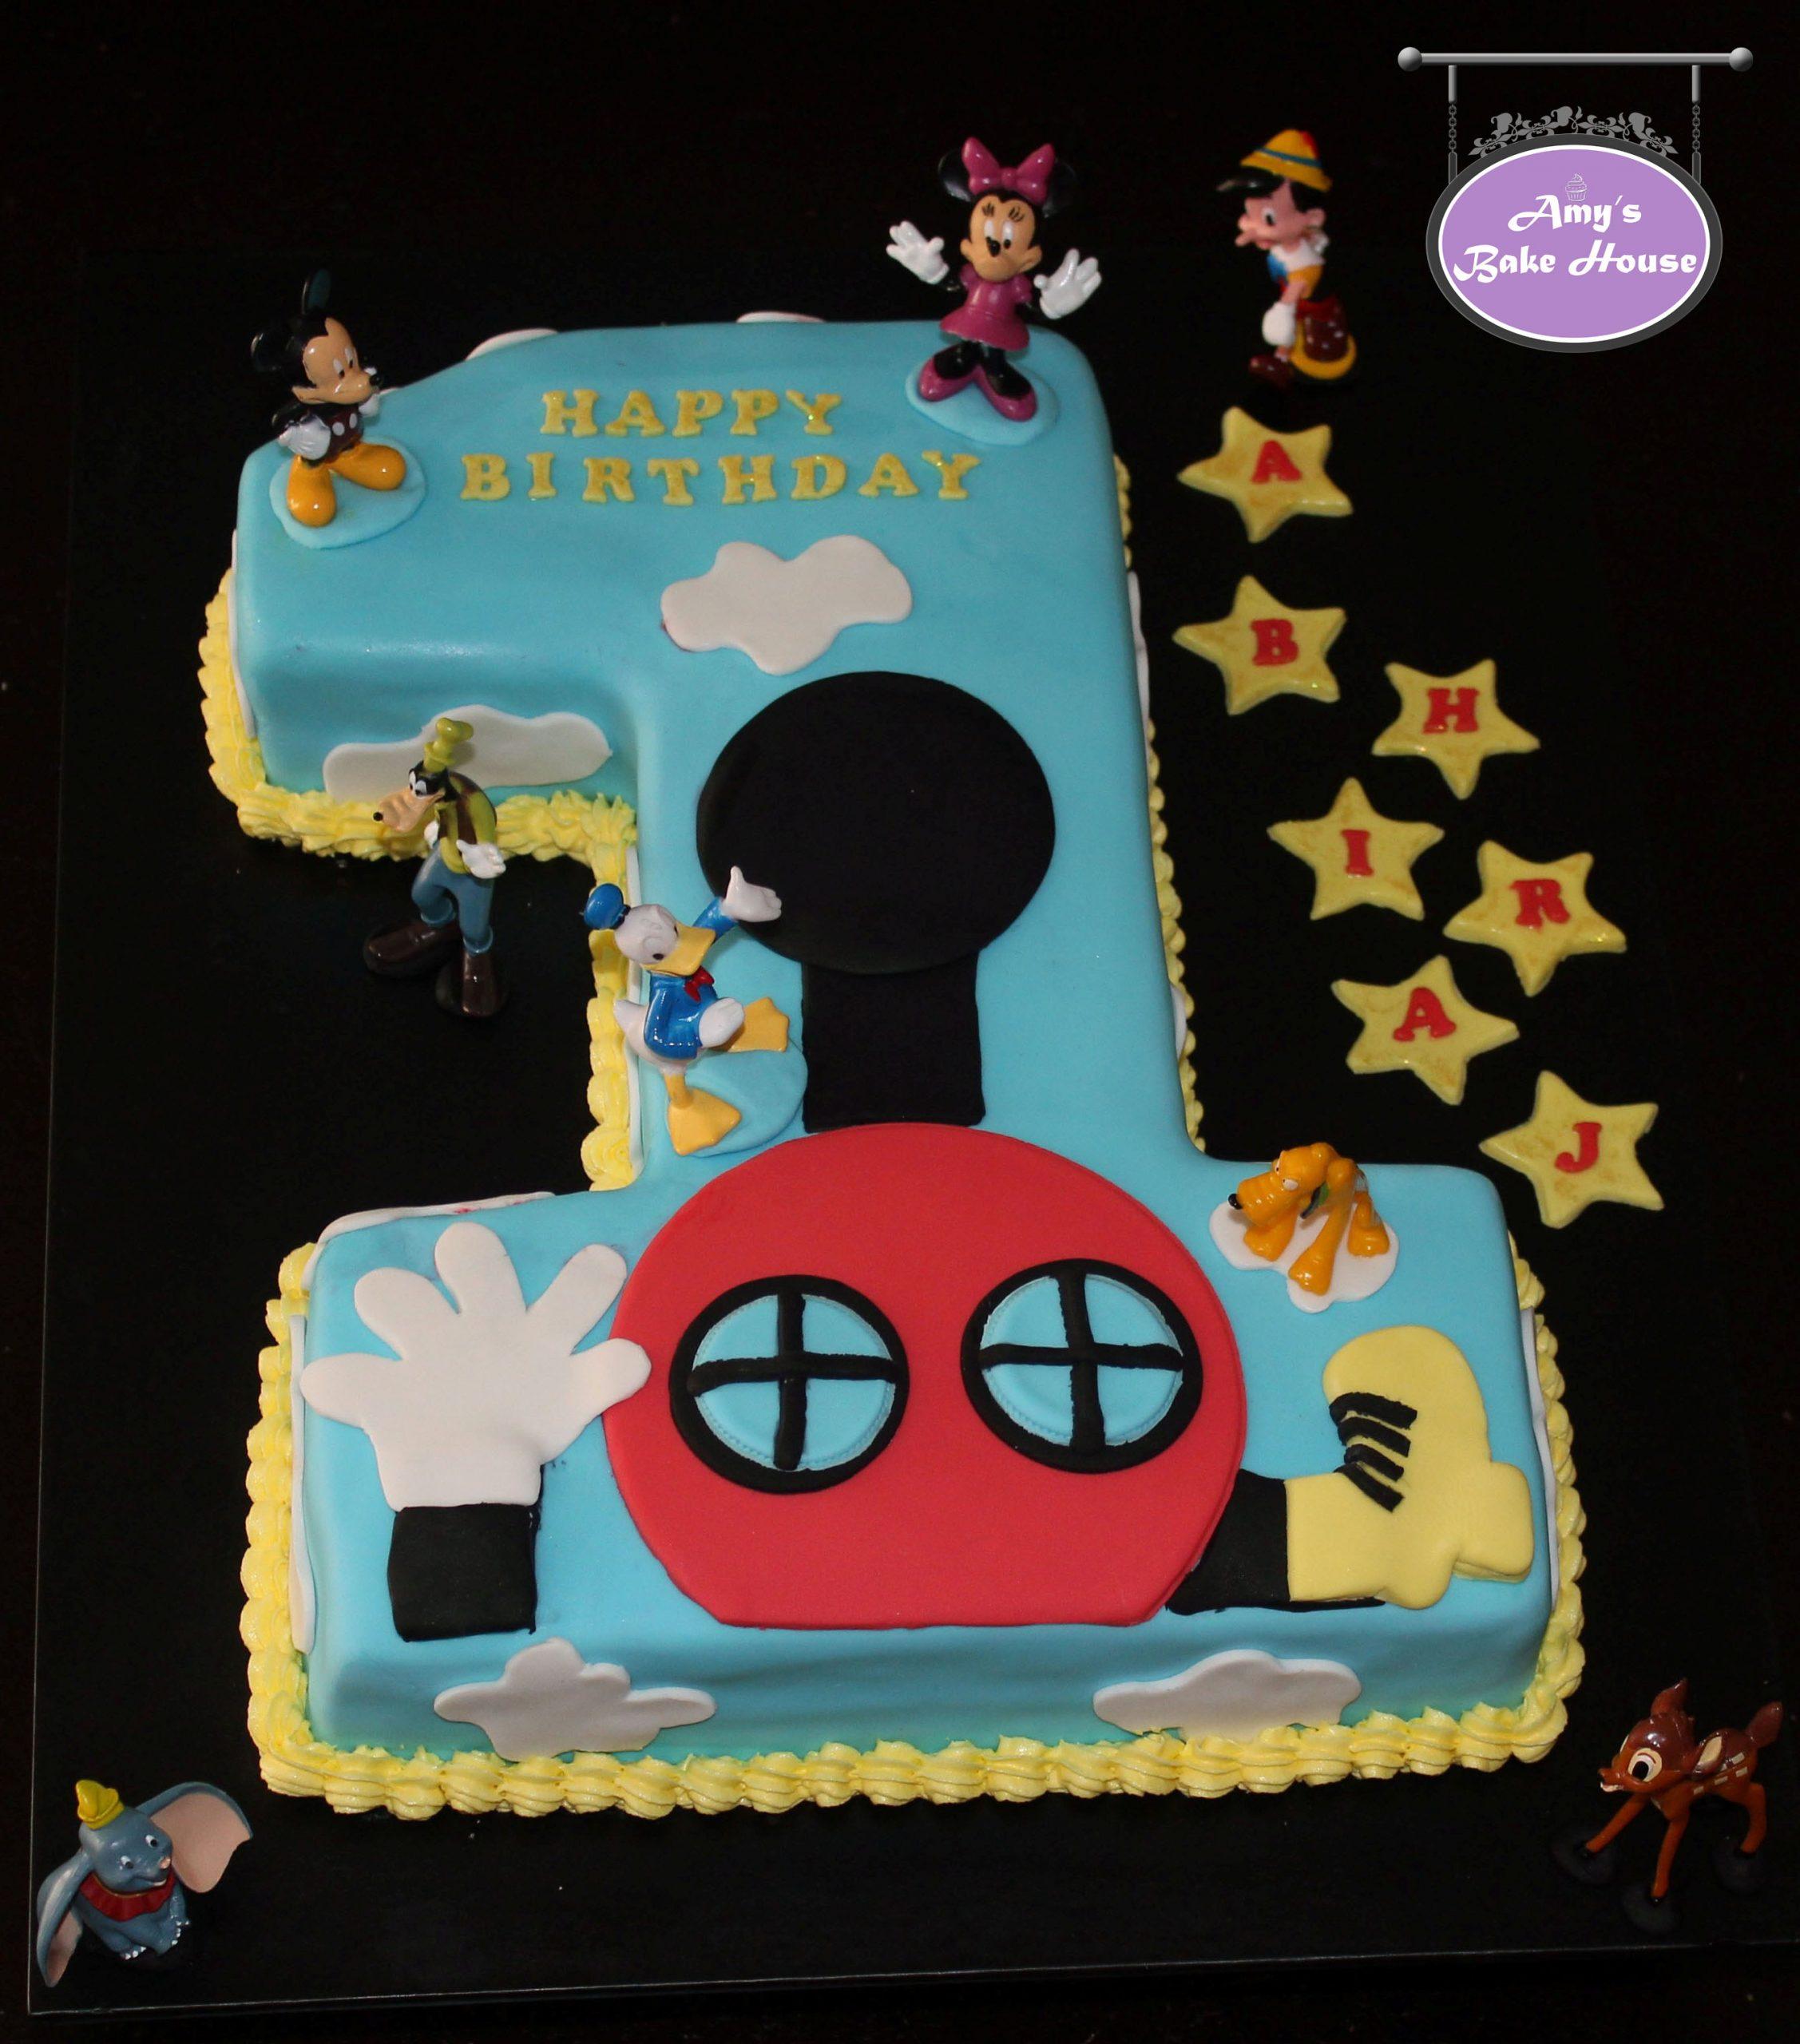 No 1 Disney Themed Birthday Cake